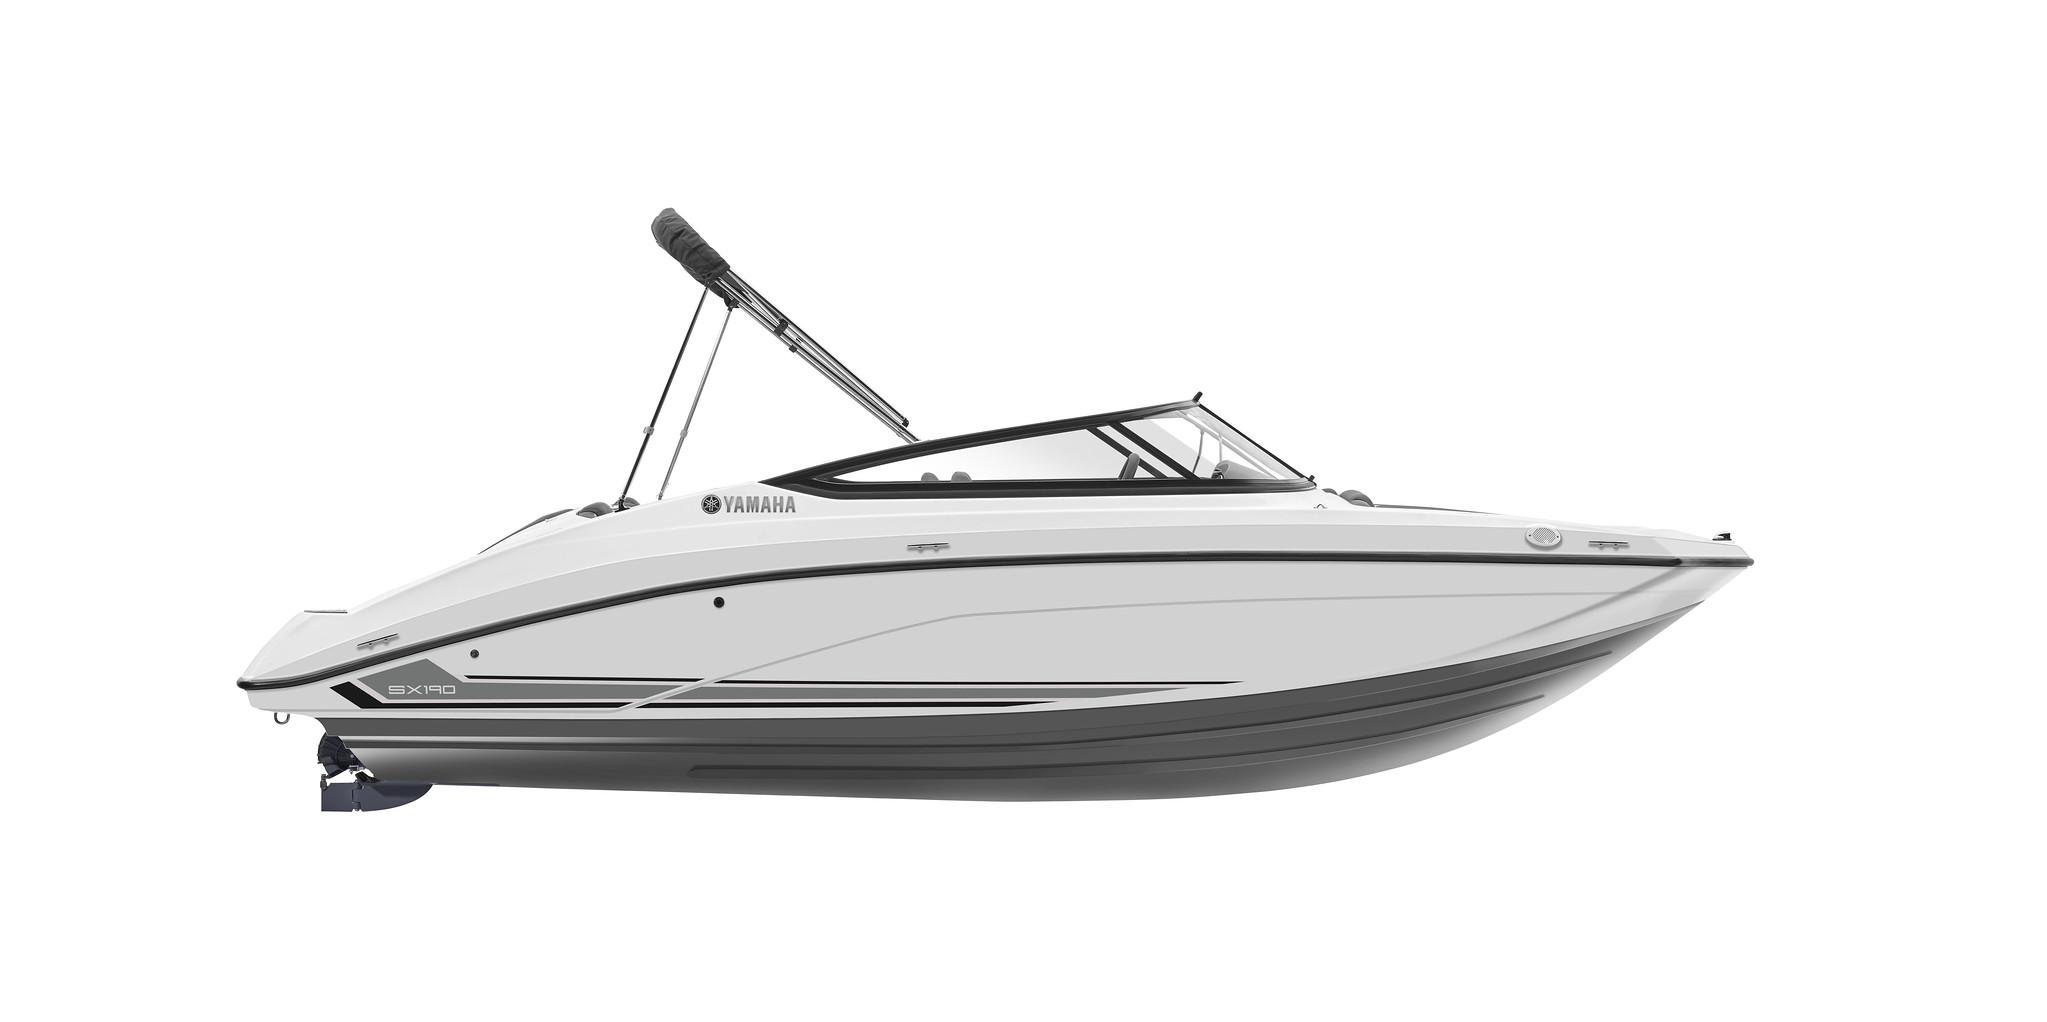 YamahaBoats SX190